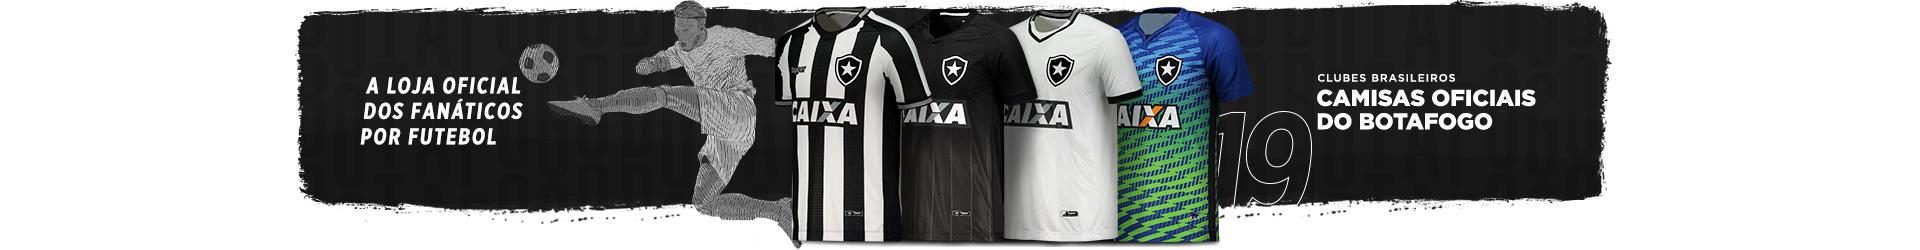 36893f0158 Camisas de Futebol do Botafogo - FutFanatics